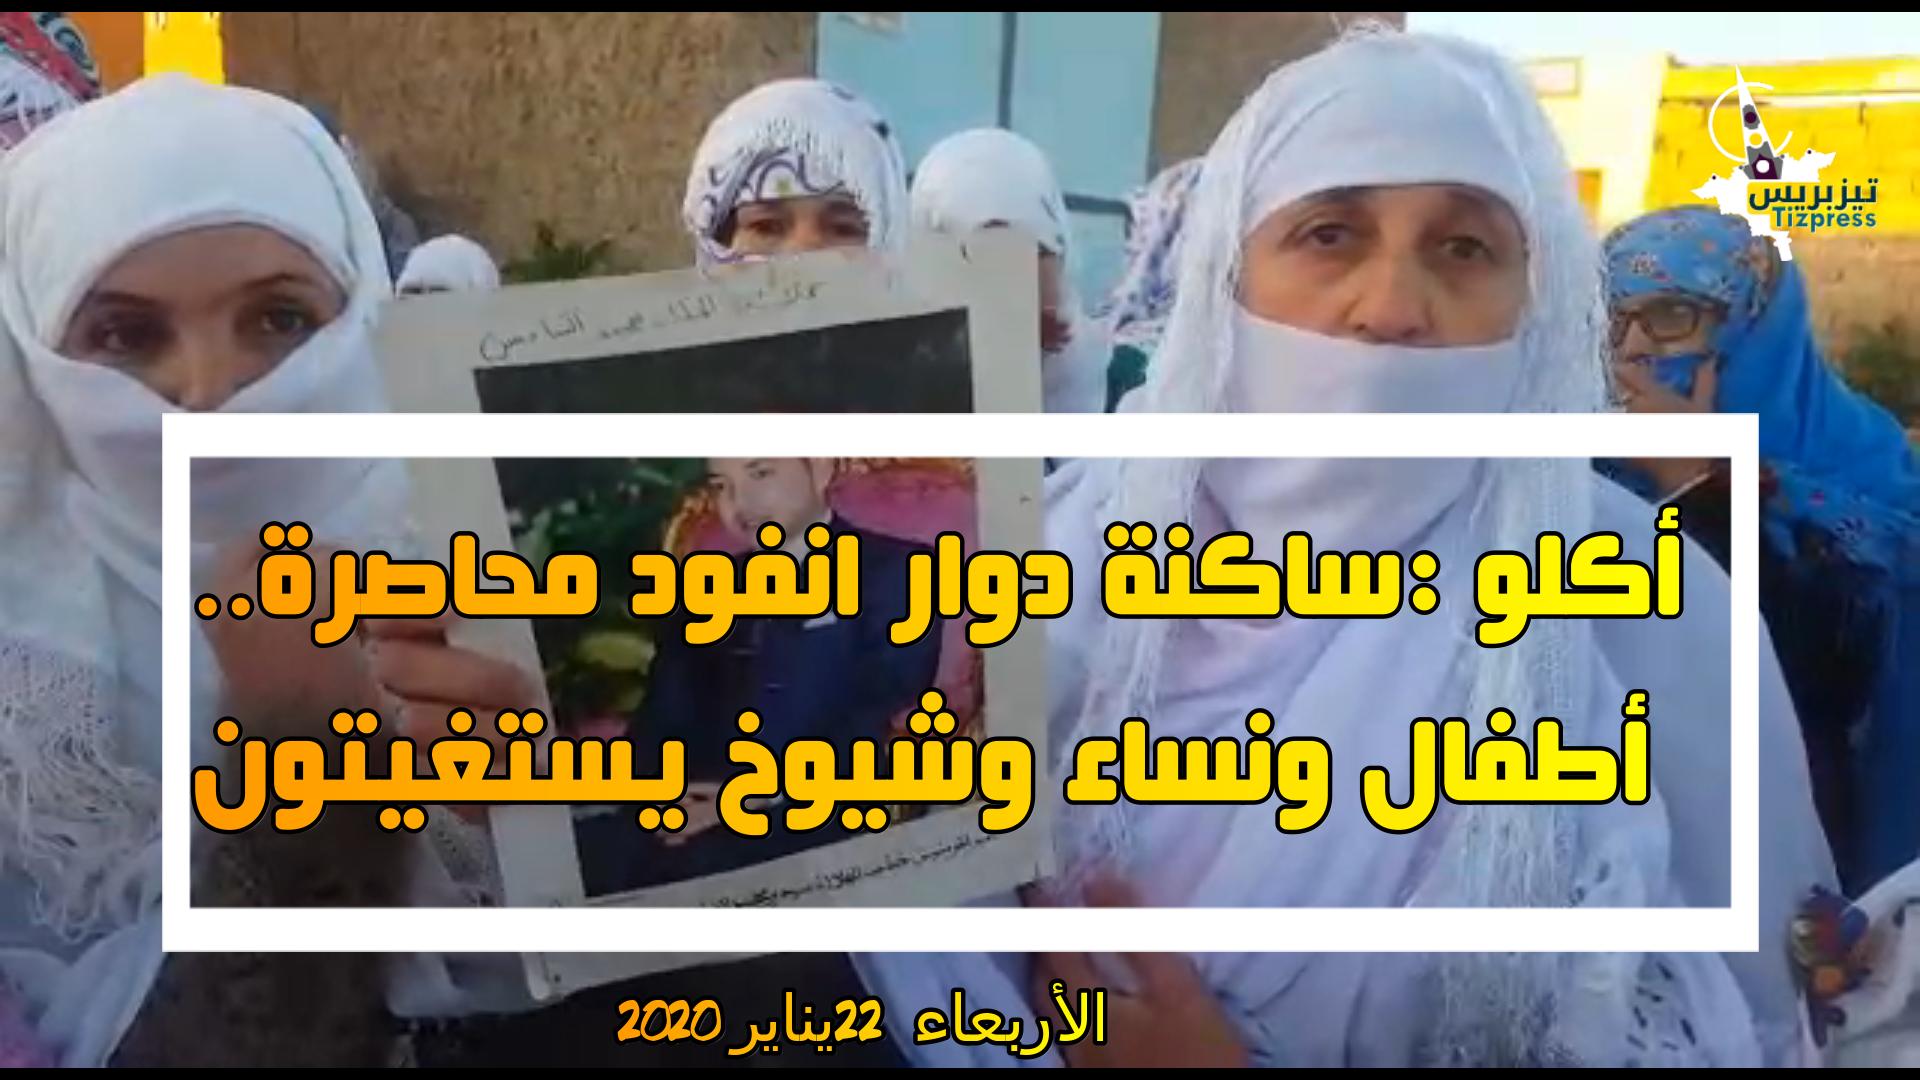 تيزنيت :ساكنة دوار انفود بأكلو محاصرة.. أطفال ونساء وشيوخ يستغيثون